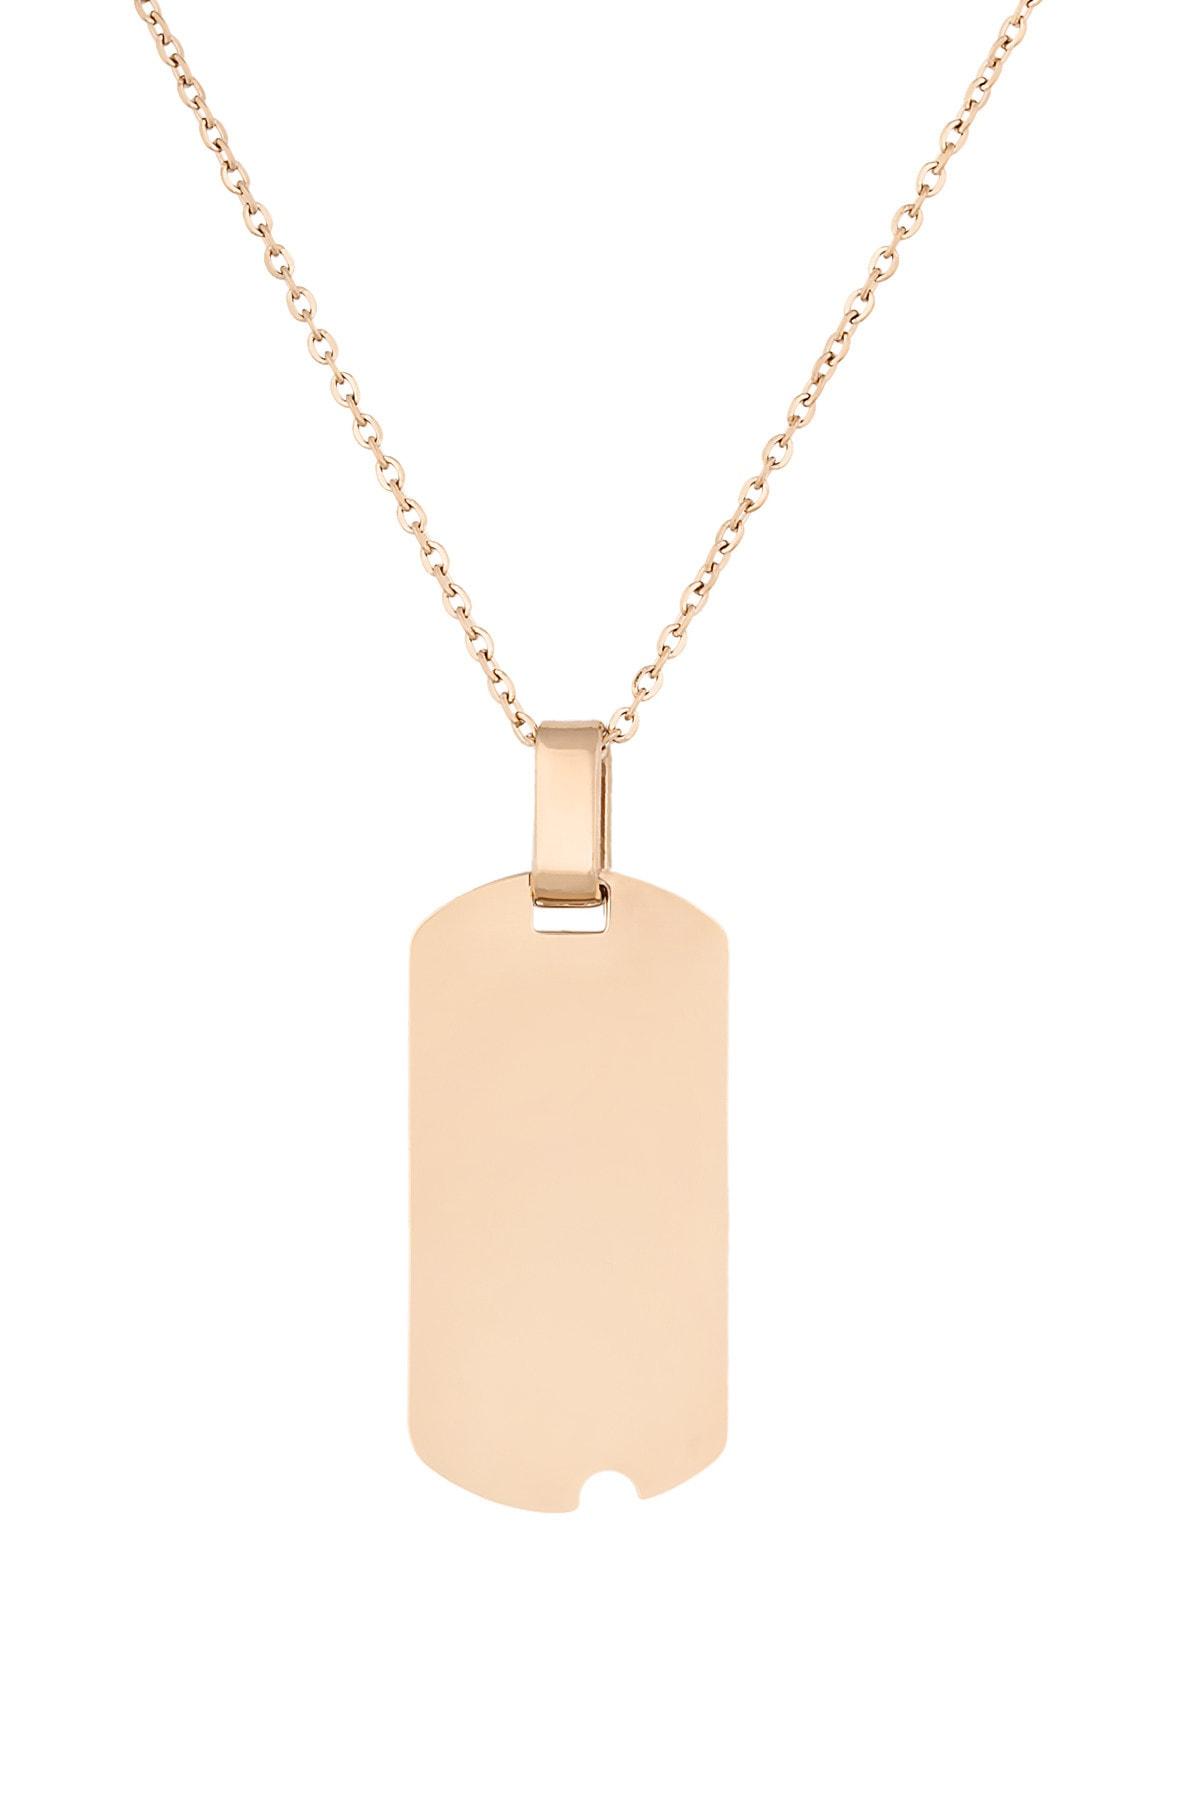 Cocco Kadın Altın Renkli Çelik Künye Kolye CC30009